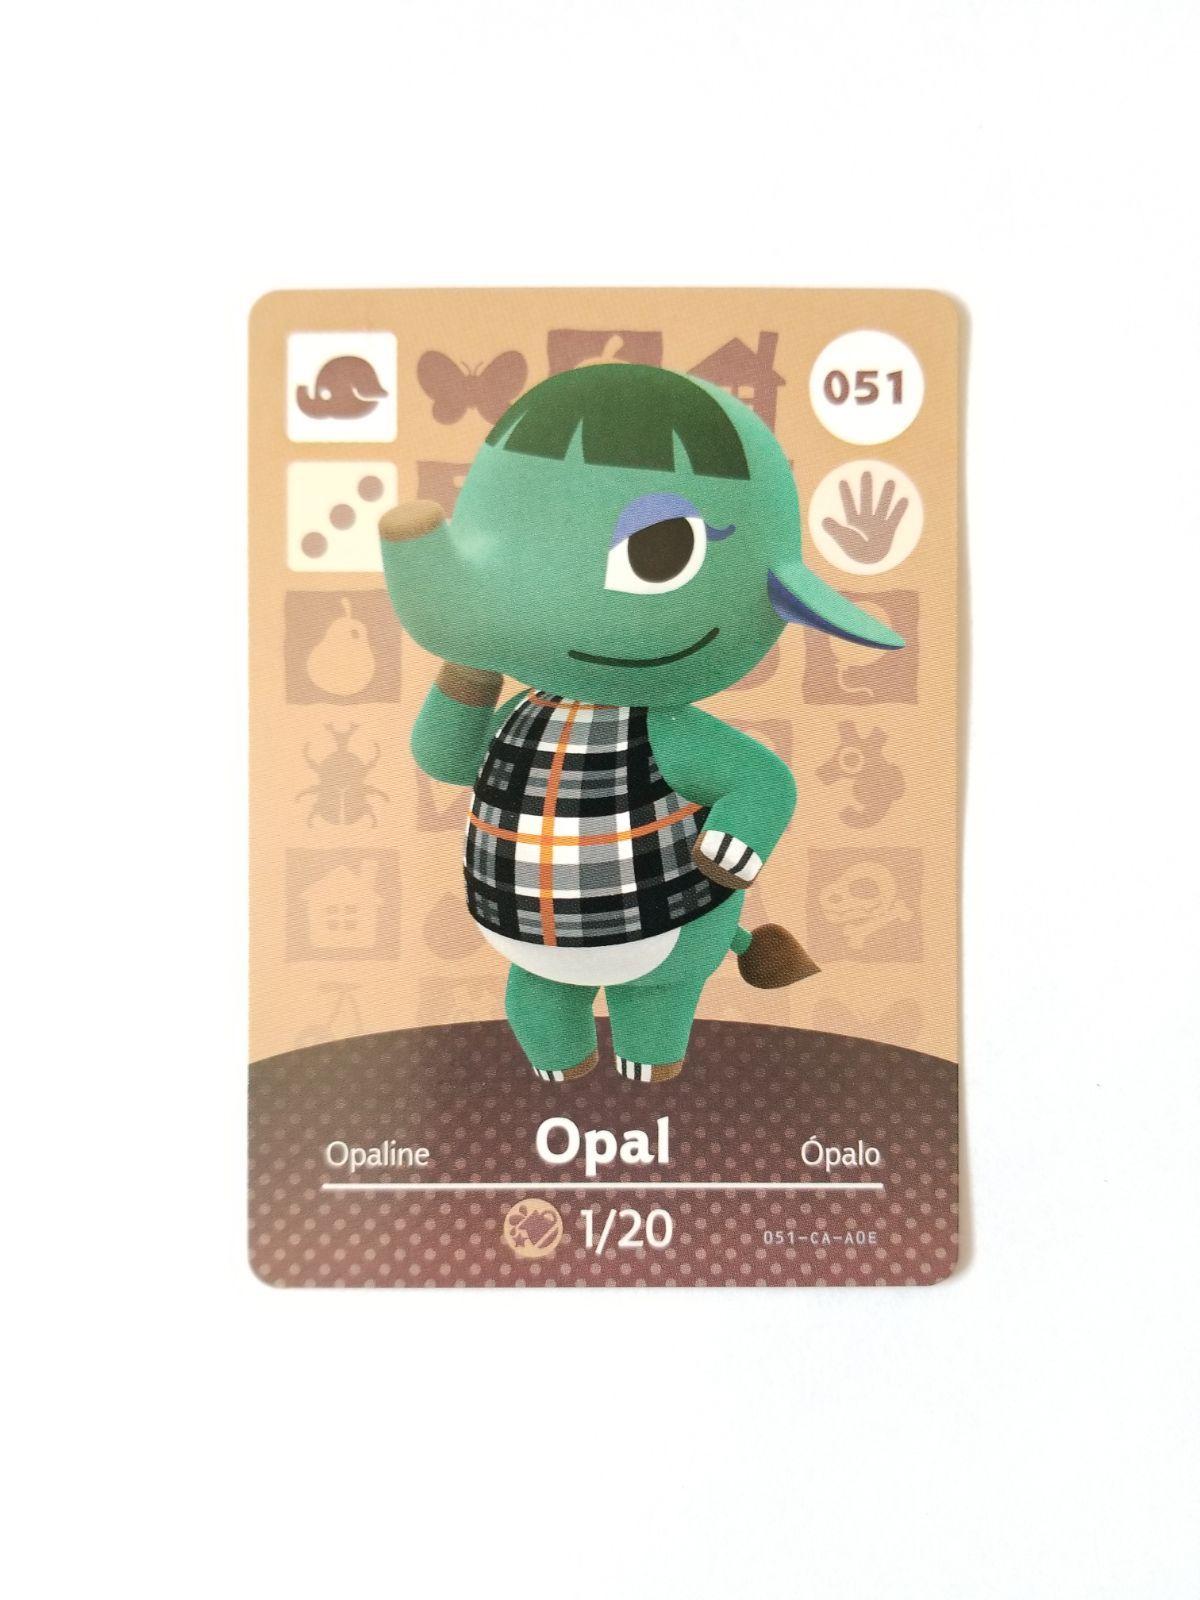 Animal Crossing Amiibo Card Opal 51 on Mercari in 2020